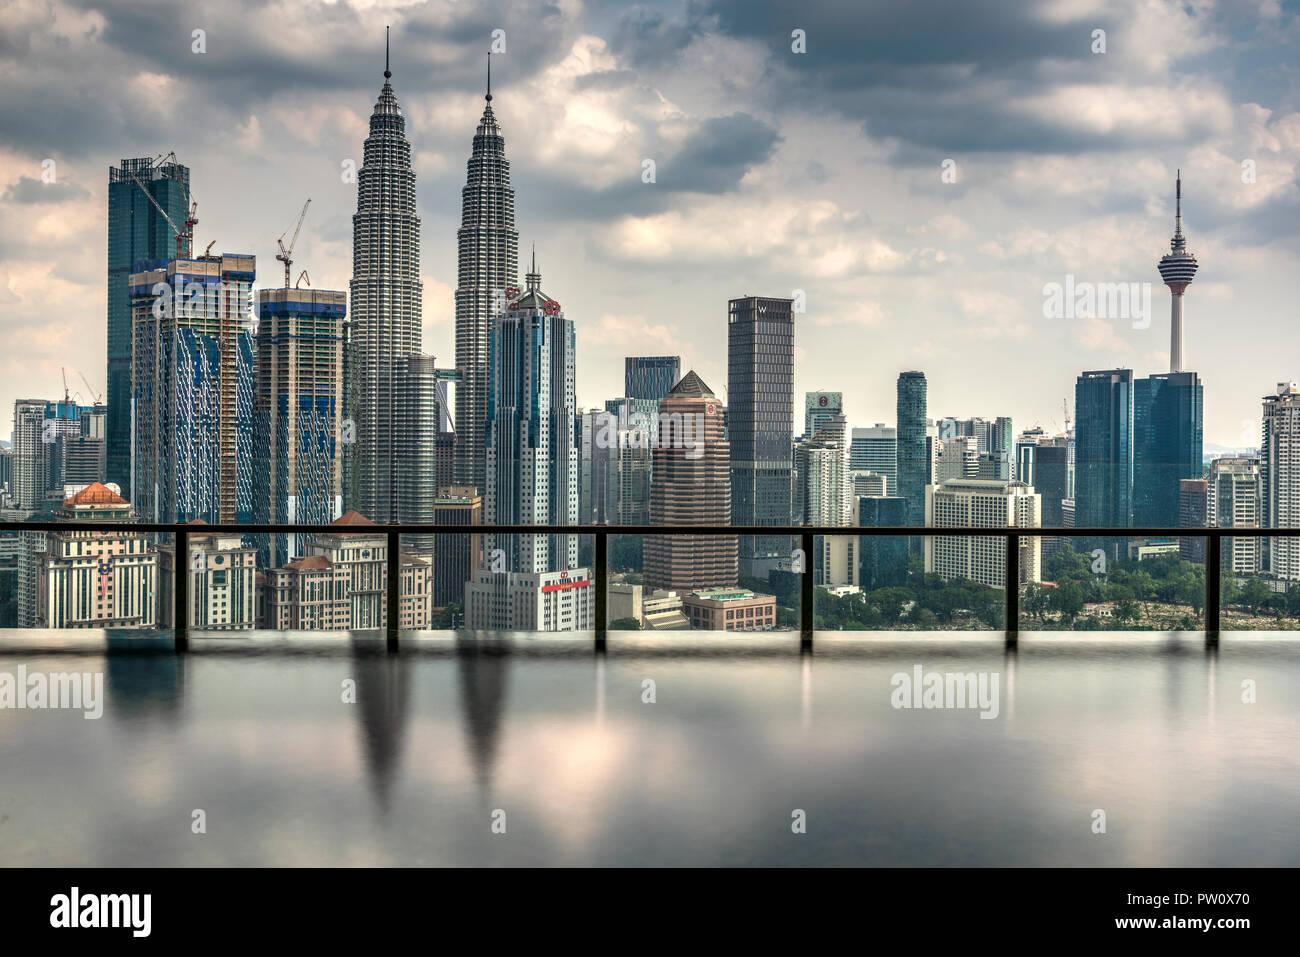 Skyline della città con piscina infinity, Kuala Lumpur, Malesia Immagini Stock